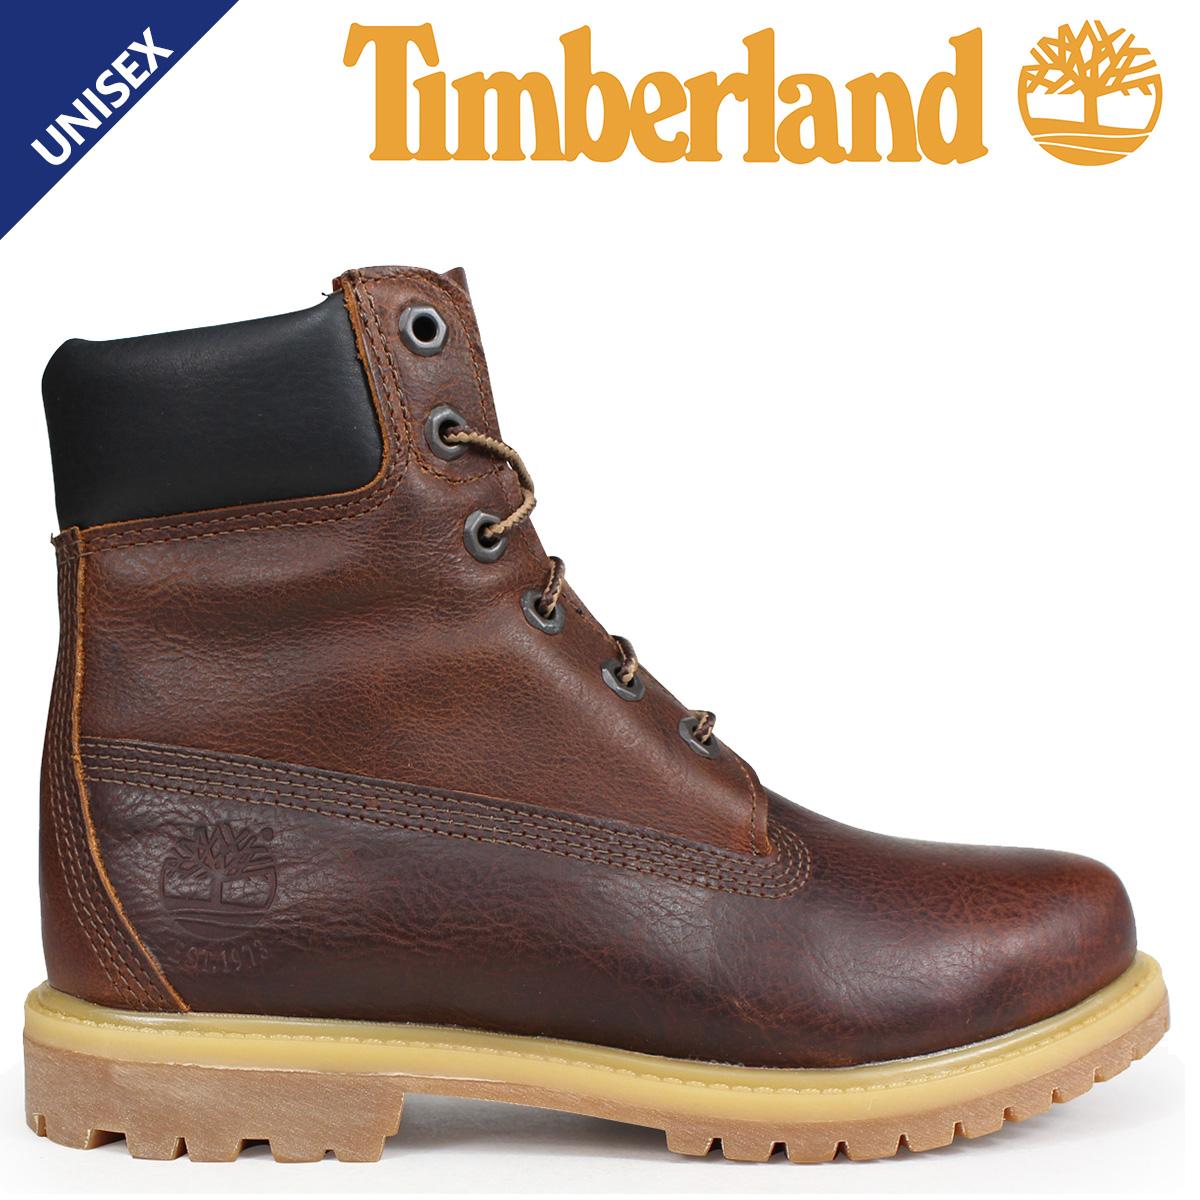 Timberland ティンバーランド ブーツ 6インチ メンズ レディース 6-INCH PREMIUM BOOTS Wワイズ ブラウン A1TLM [3/19 追加入荷]